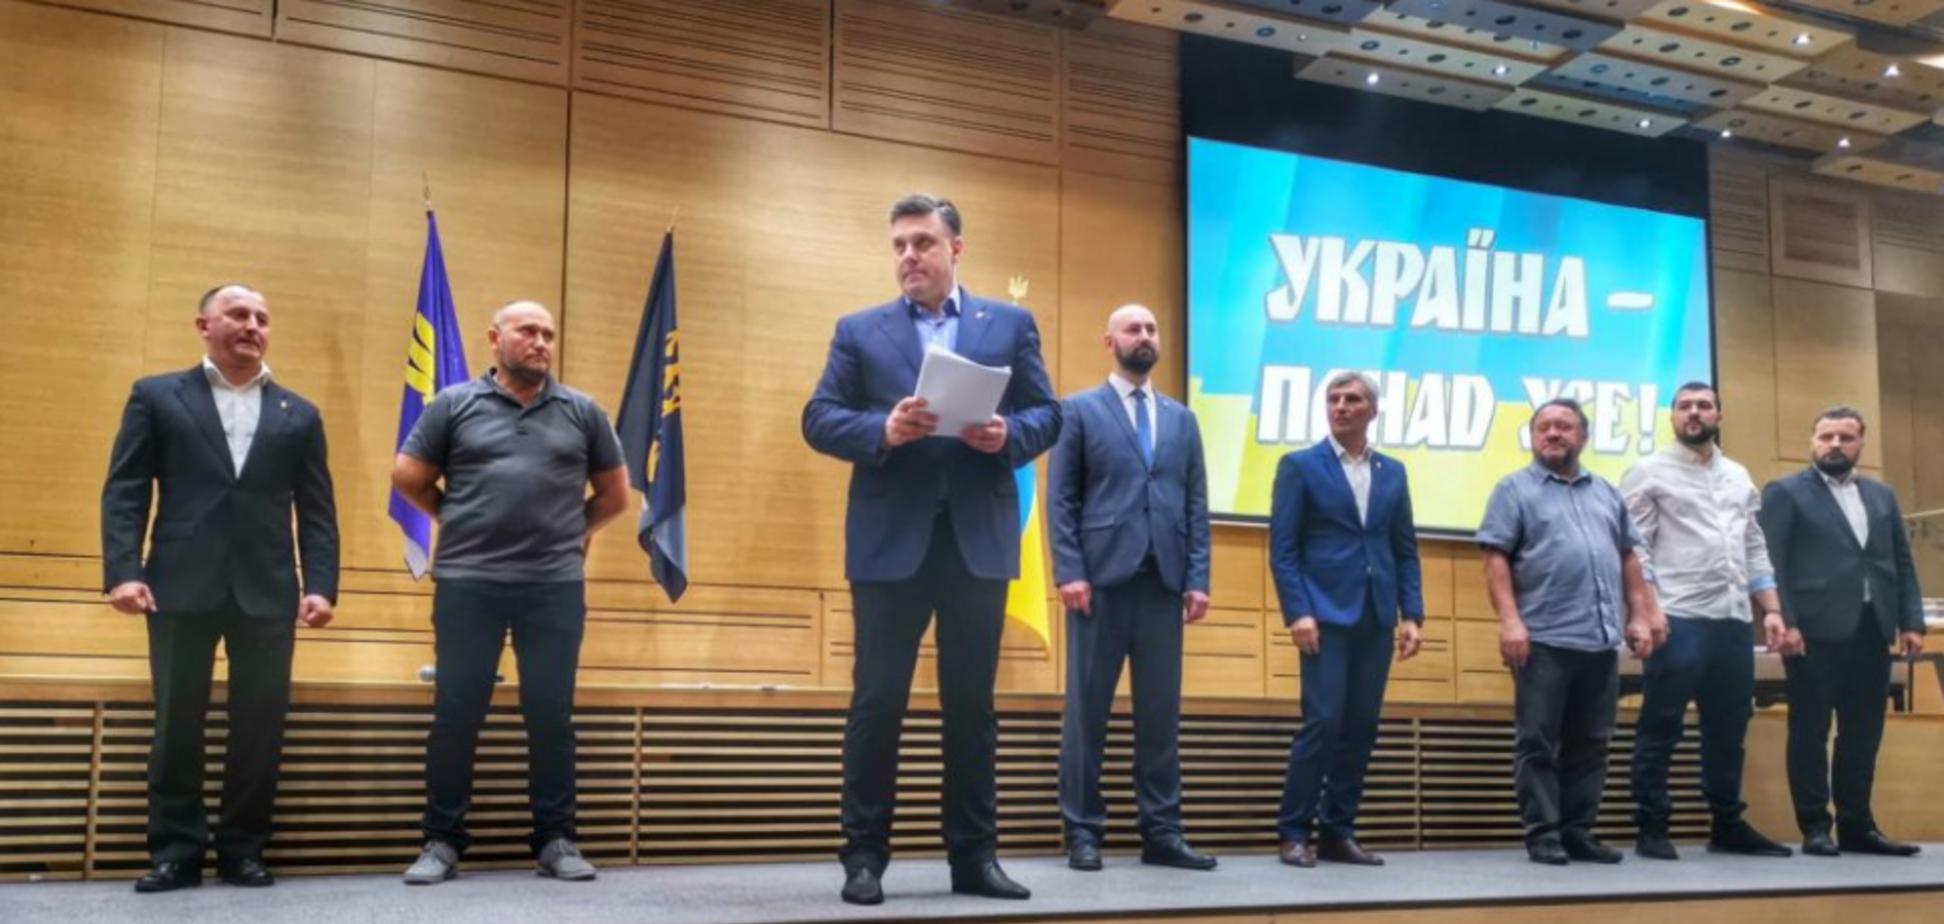 Тягнибок, Ярош и Кошулинский объединились на выборах